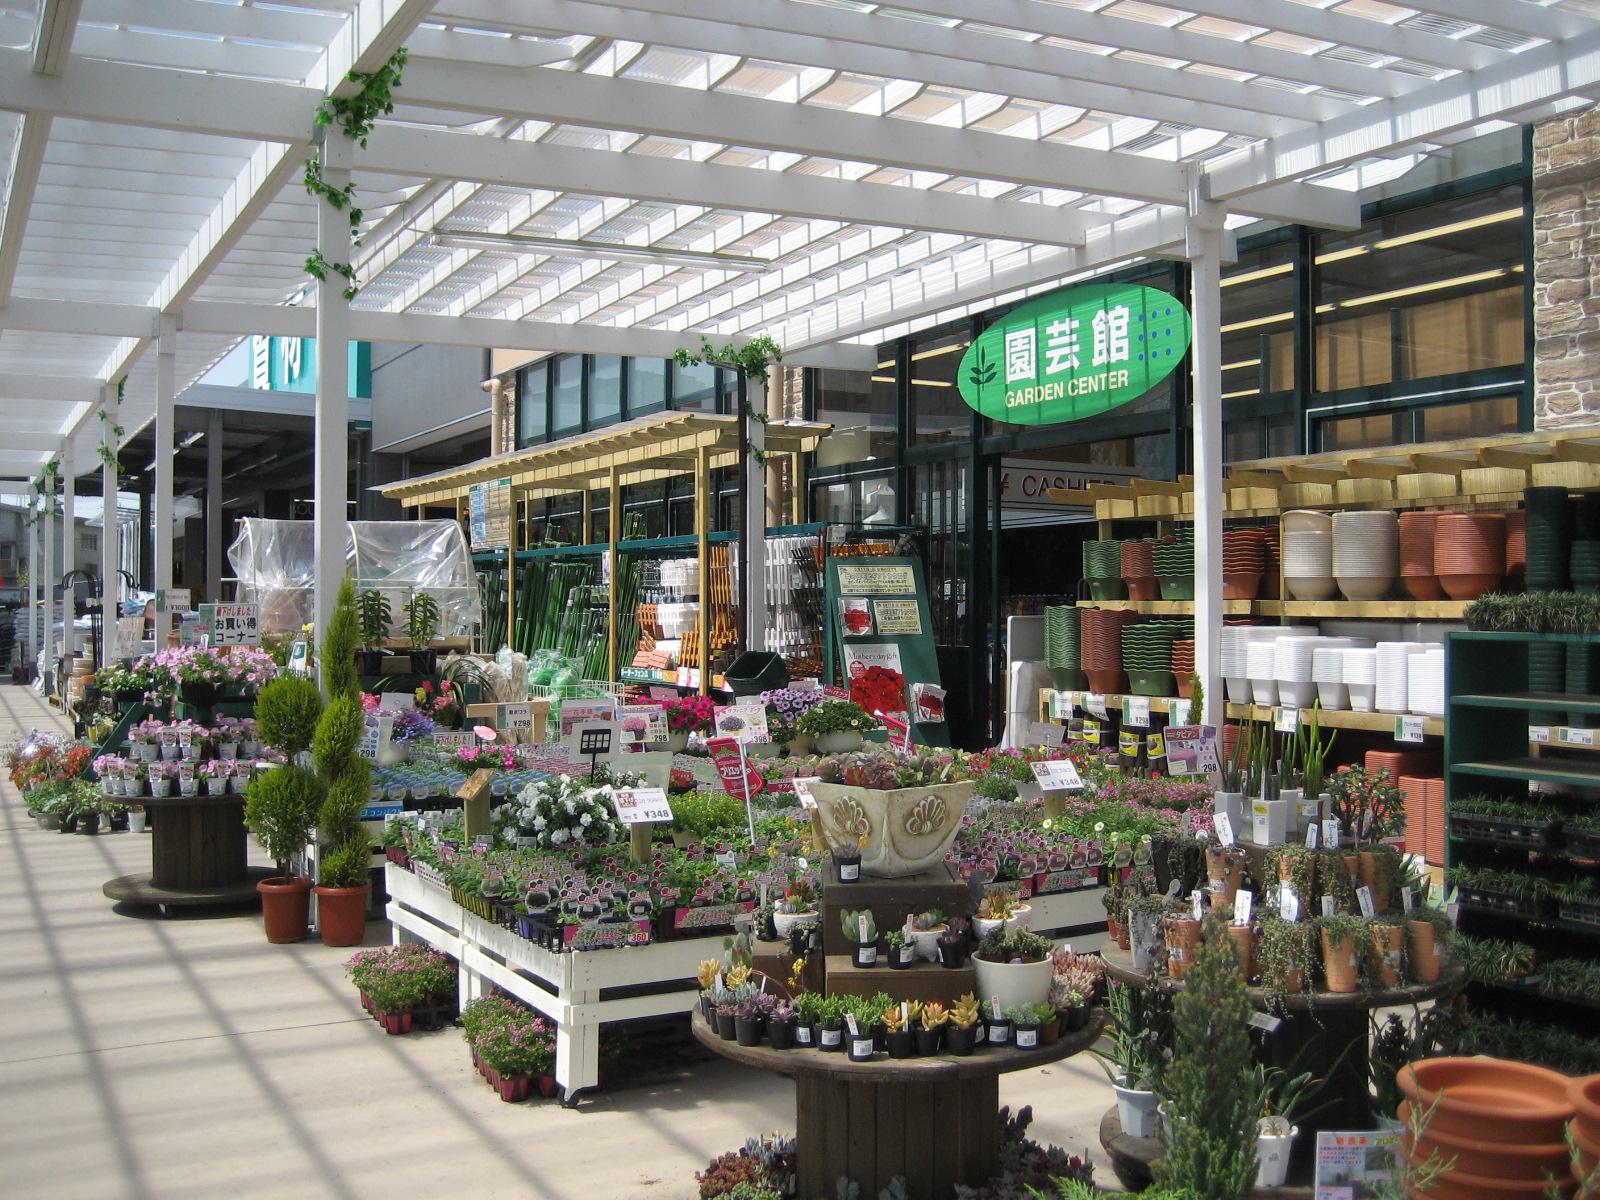 東京の東側で、園芸店を教えてください。 - 花壇に …